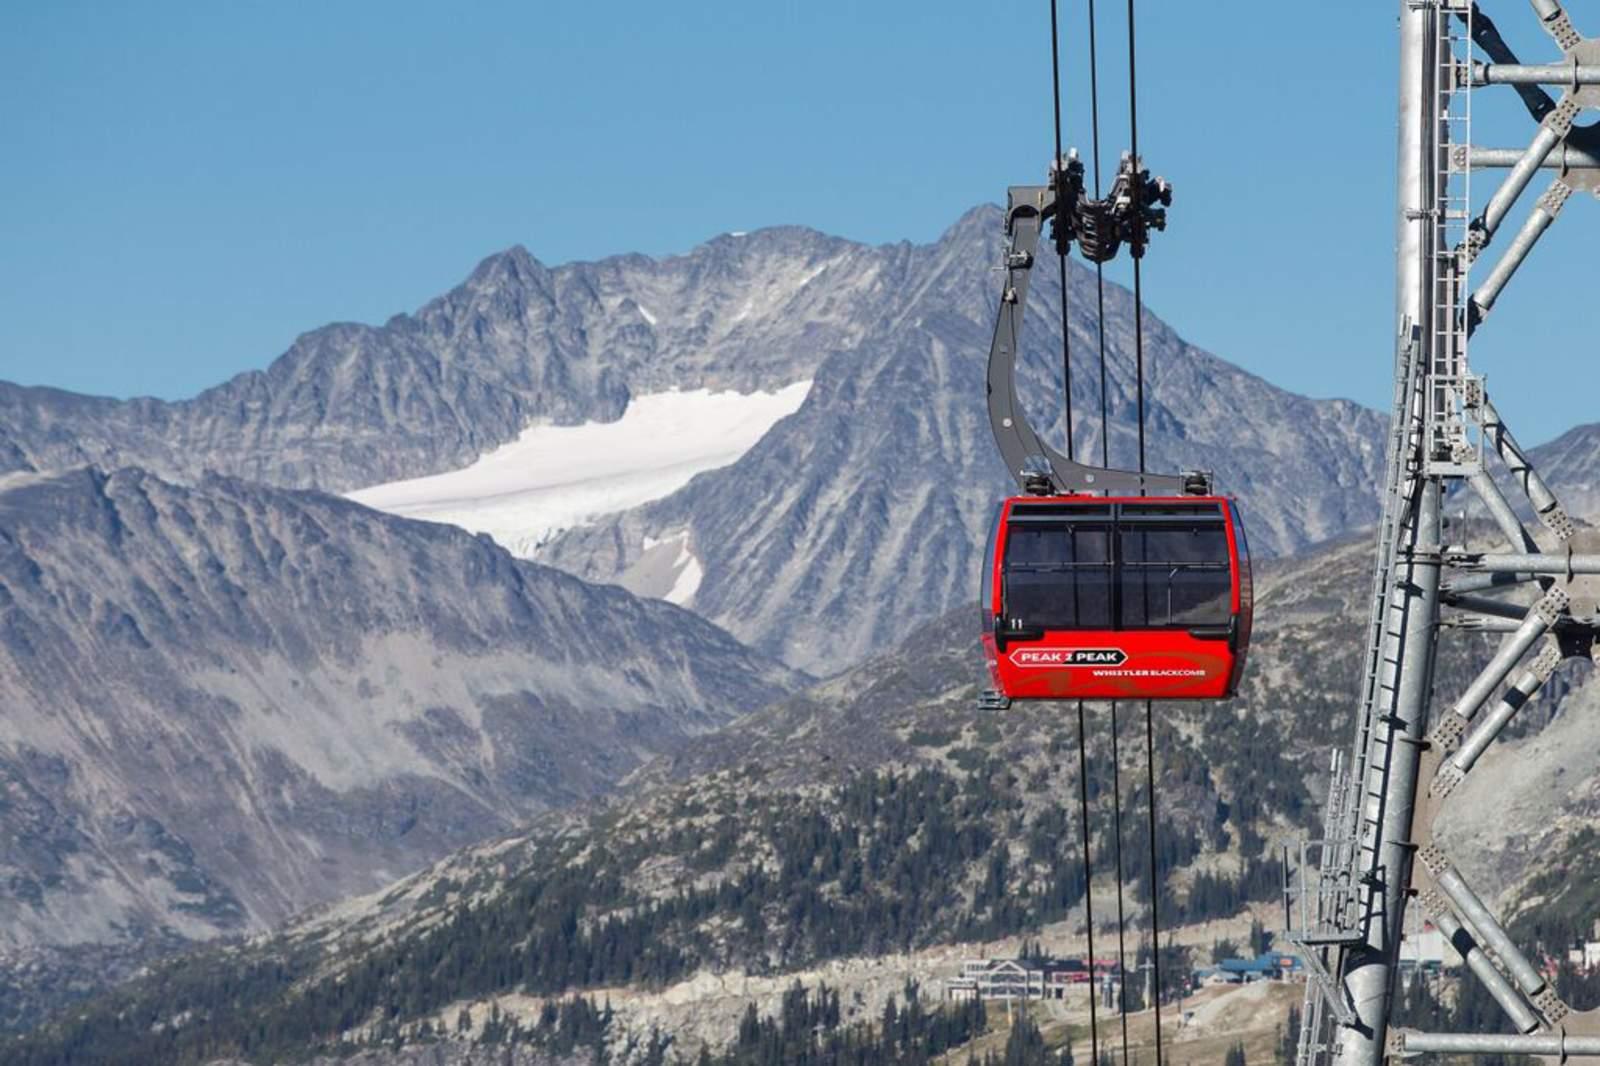 Imression Whistler Mountain and Adventure Tour